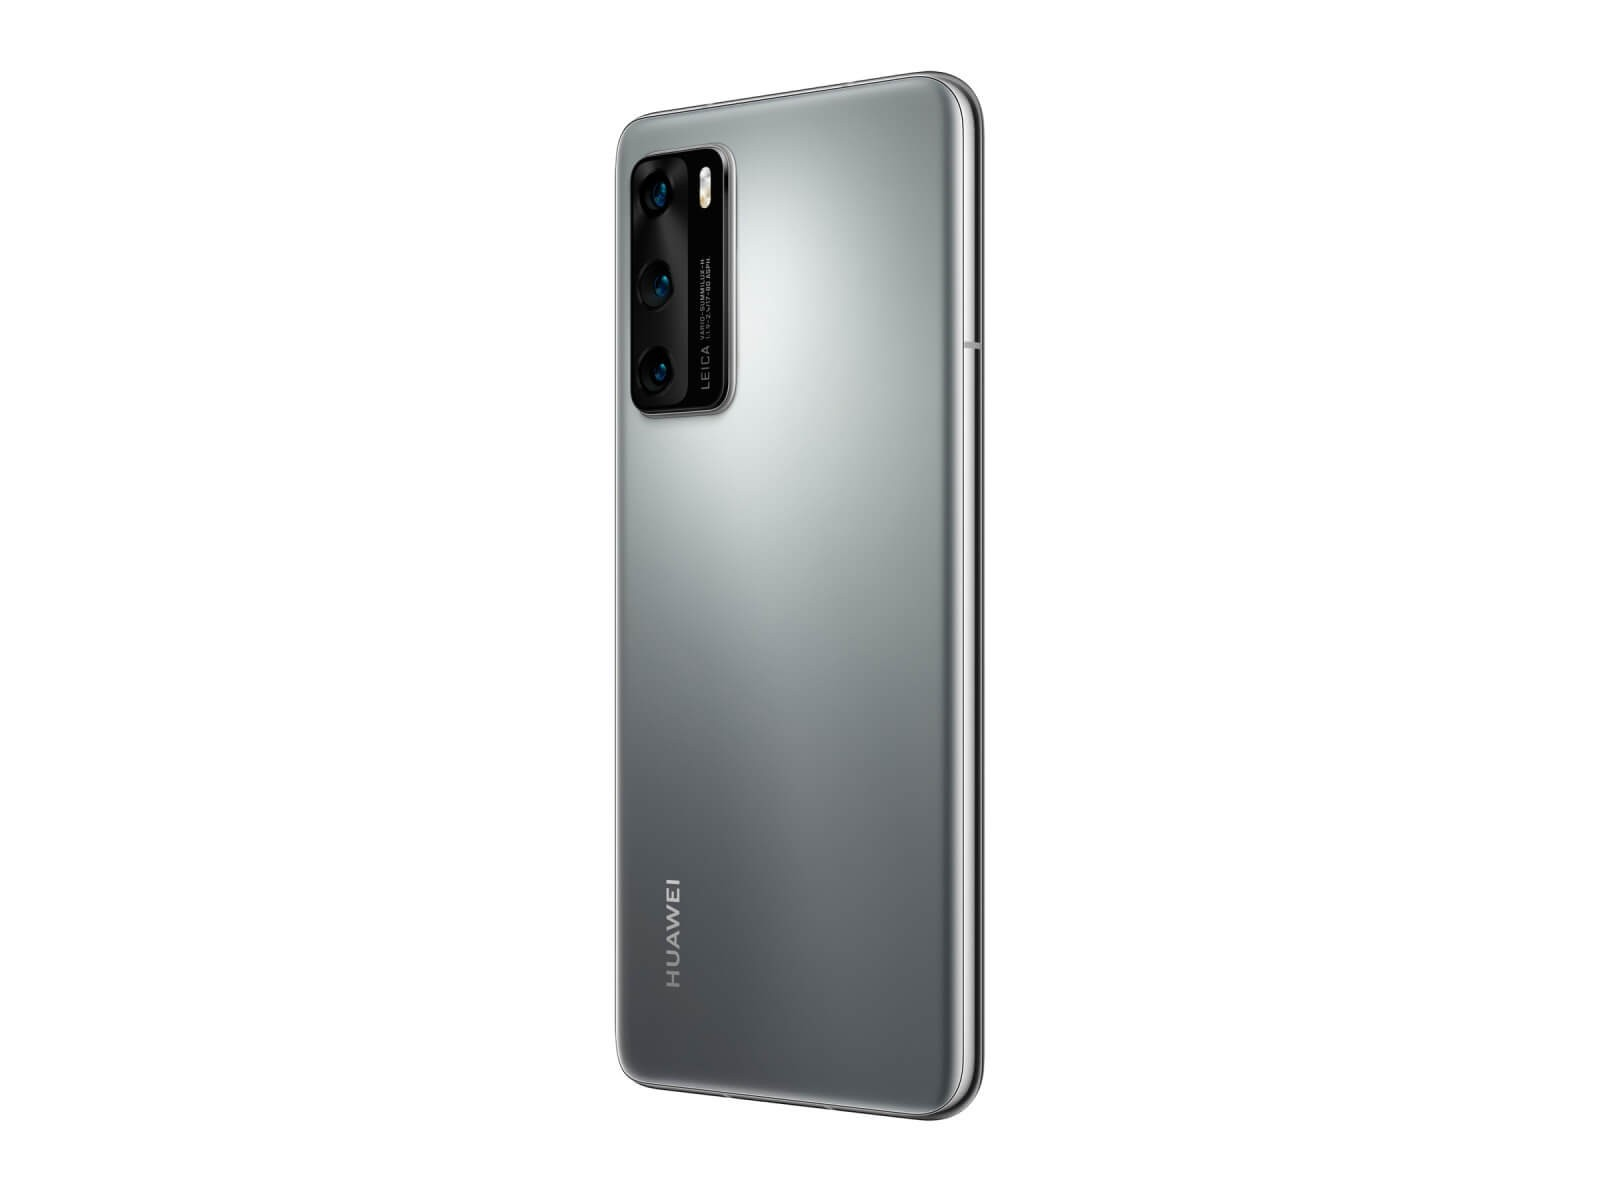 روکیدا - سری گوشیهای P40 هوآوی رسما معرفی شدند؛ نبرد هوآوی برای پادشاهی - نقد و بررسی گوشی موبایل, هوآوی, گوشی P40 Pro, گوشی های هوشمند, گوشی هوشمند